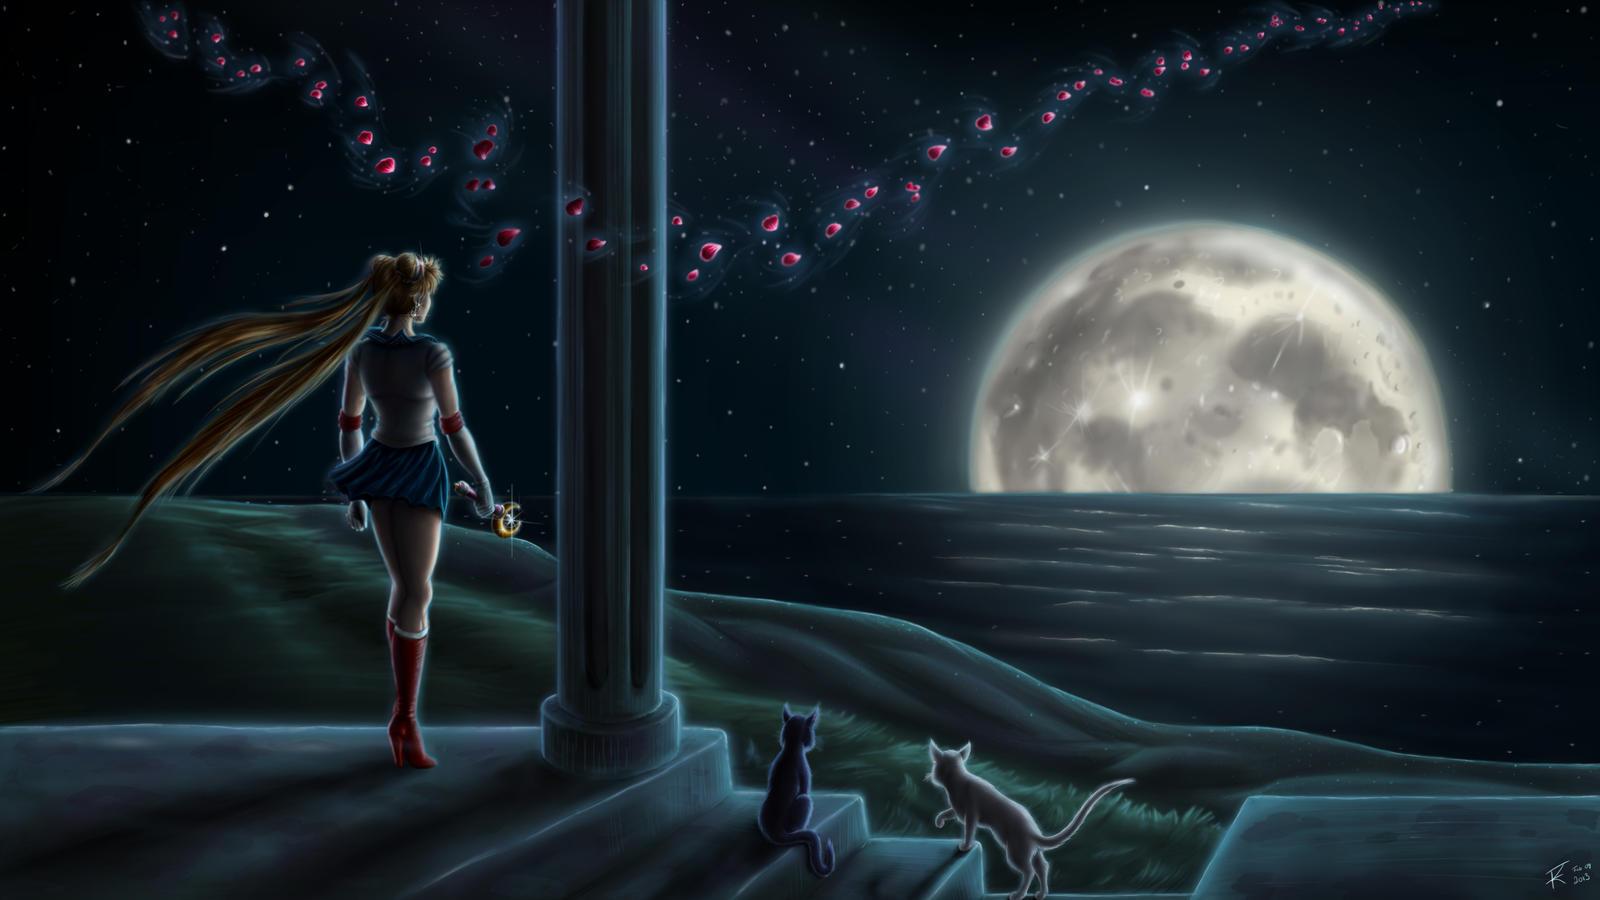 In the Moon Light by GeekingOutArt